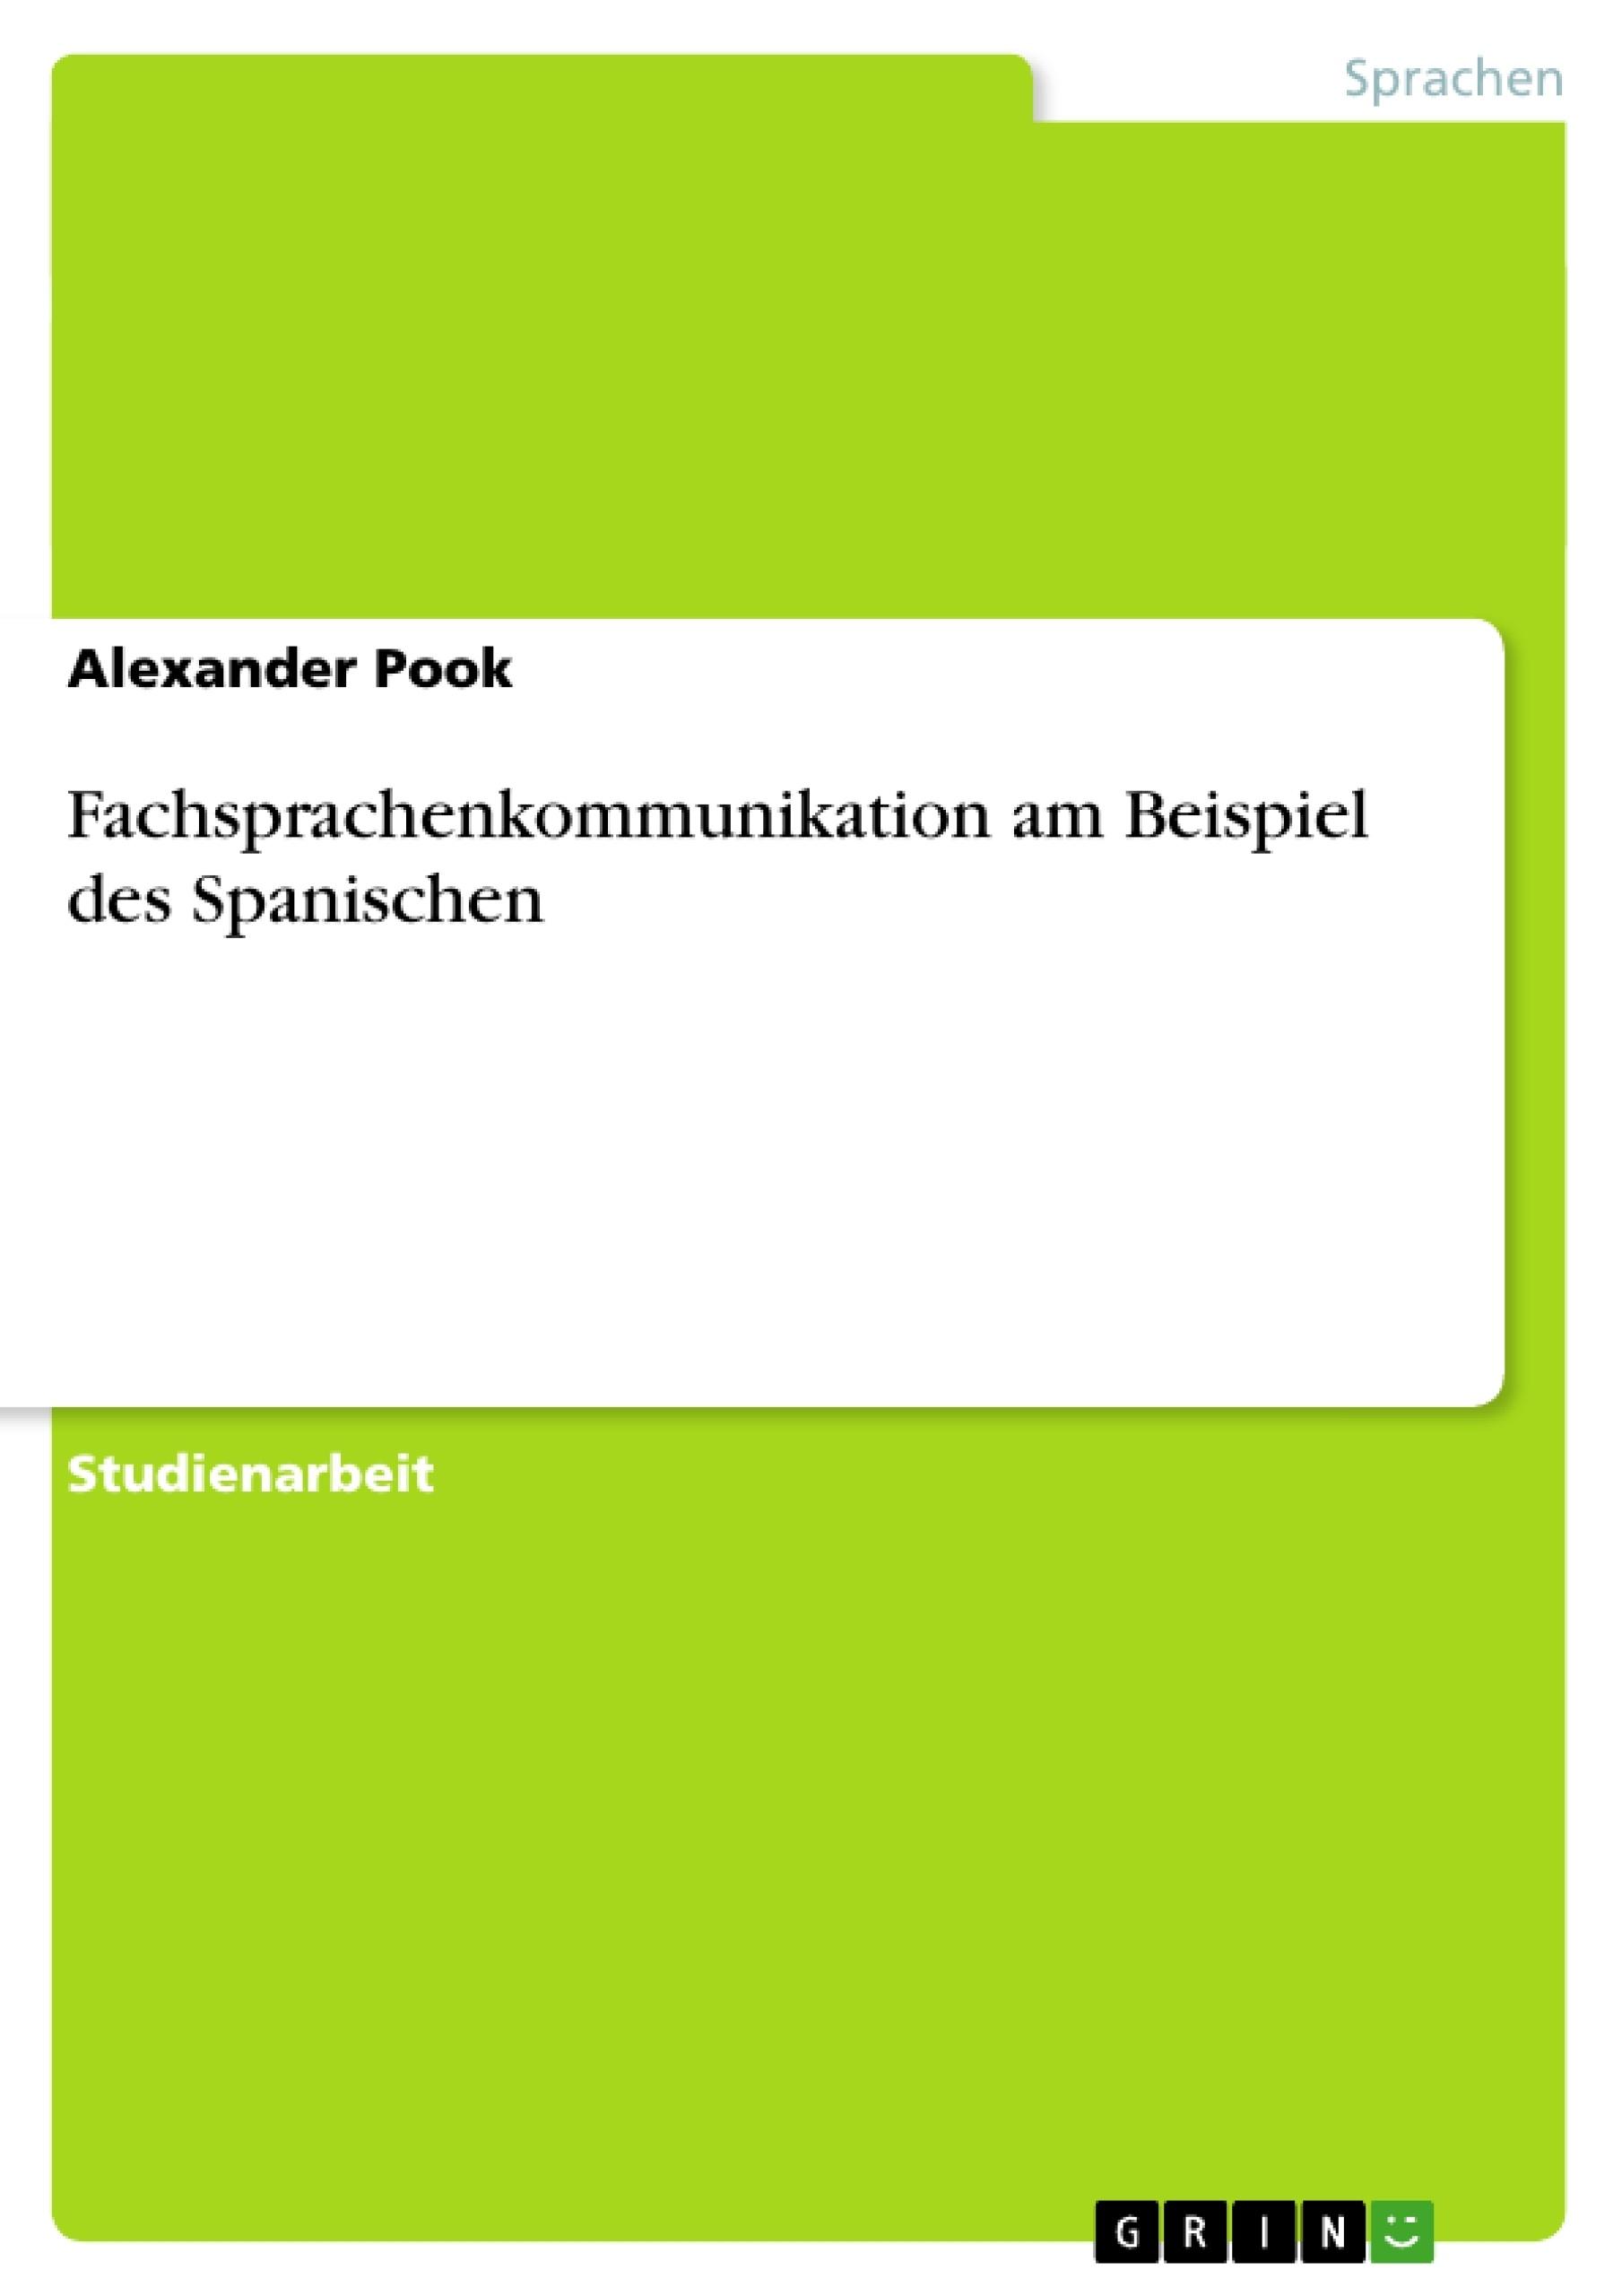 Titel: Fachsprachenkommunikation am Beispiel des Spanischen